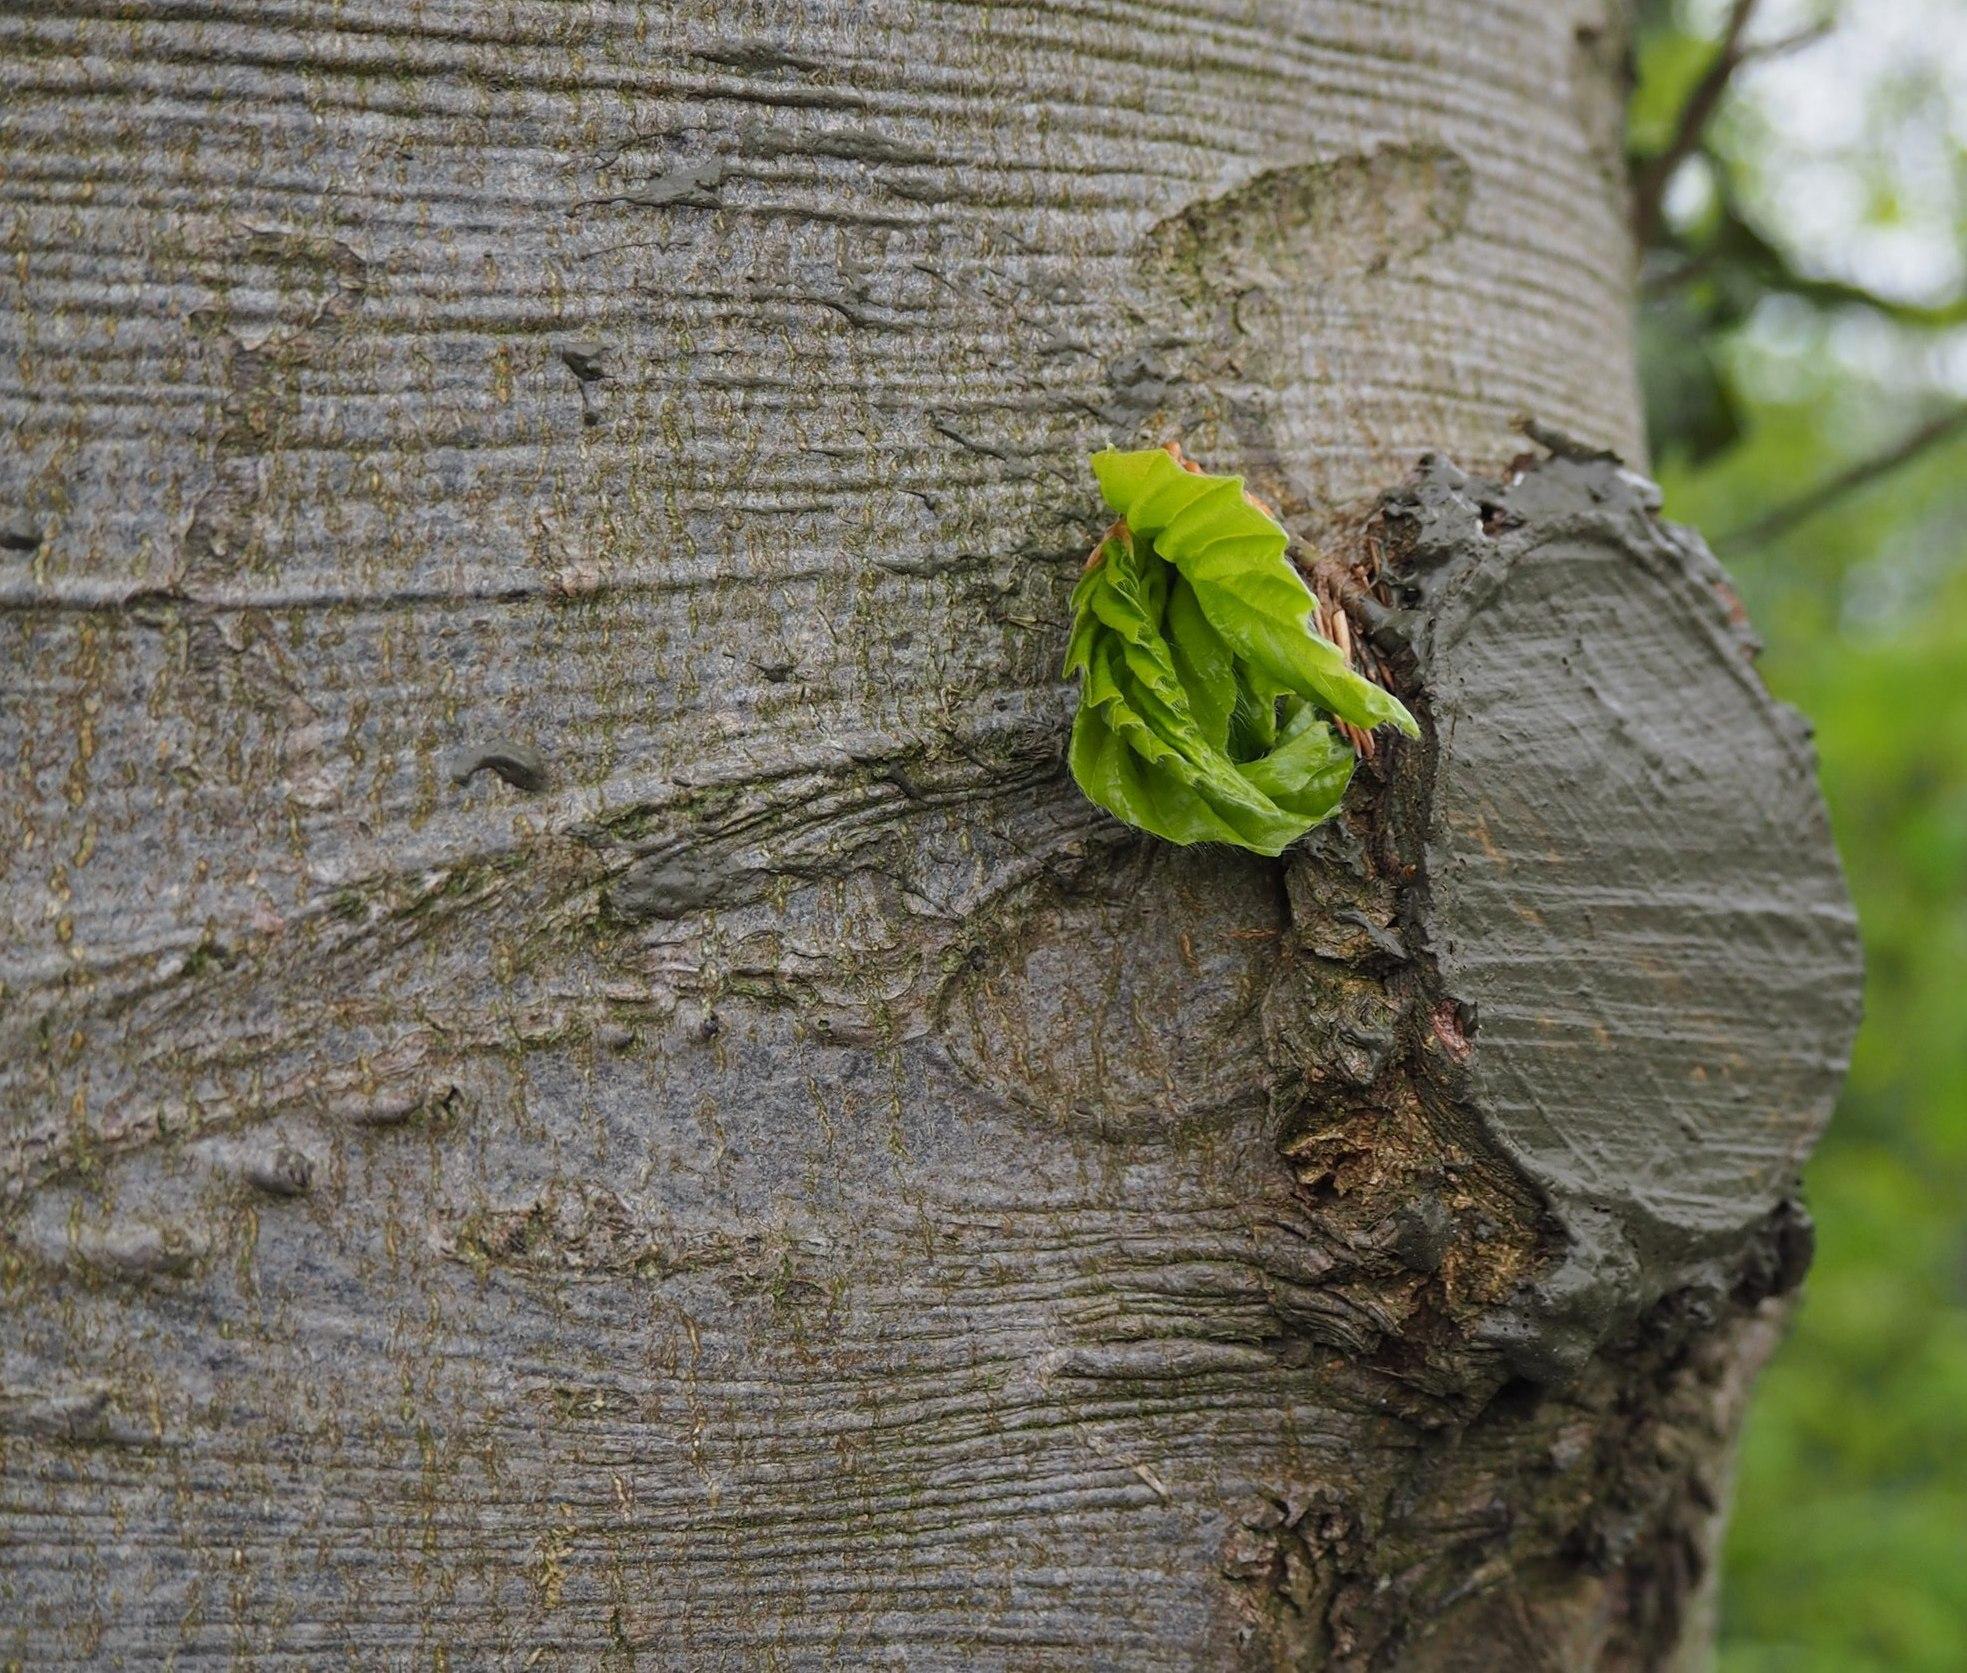 Knospendes Blatt an einem Baumstamm